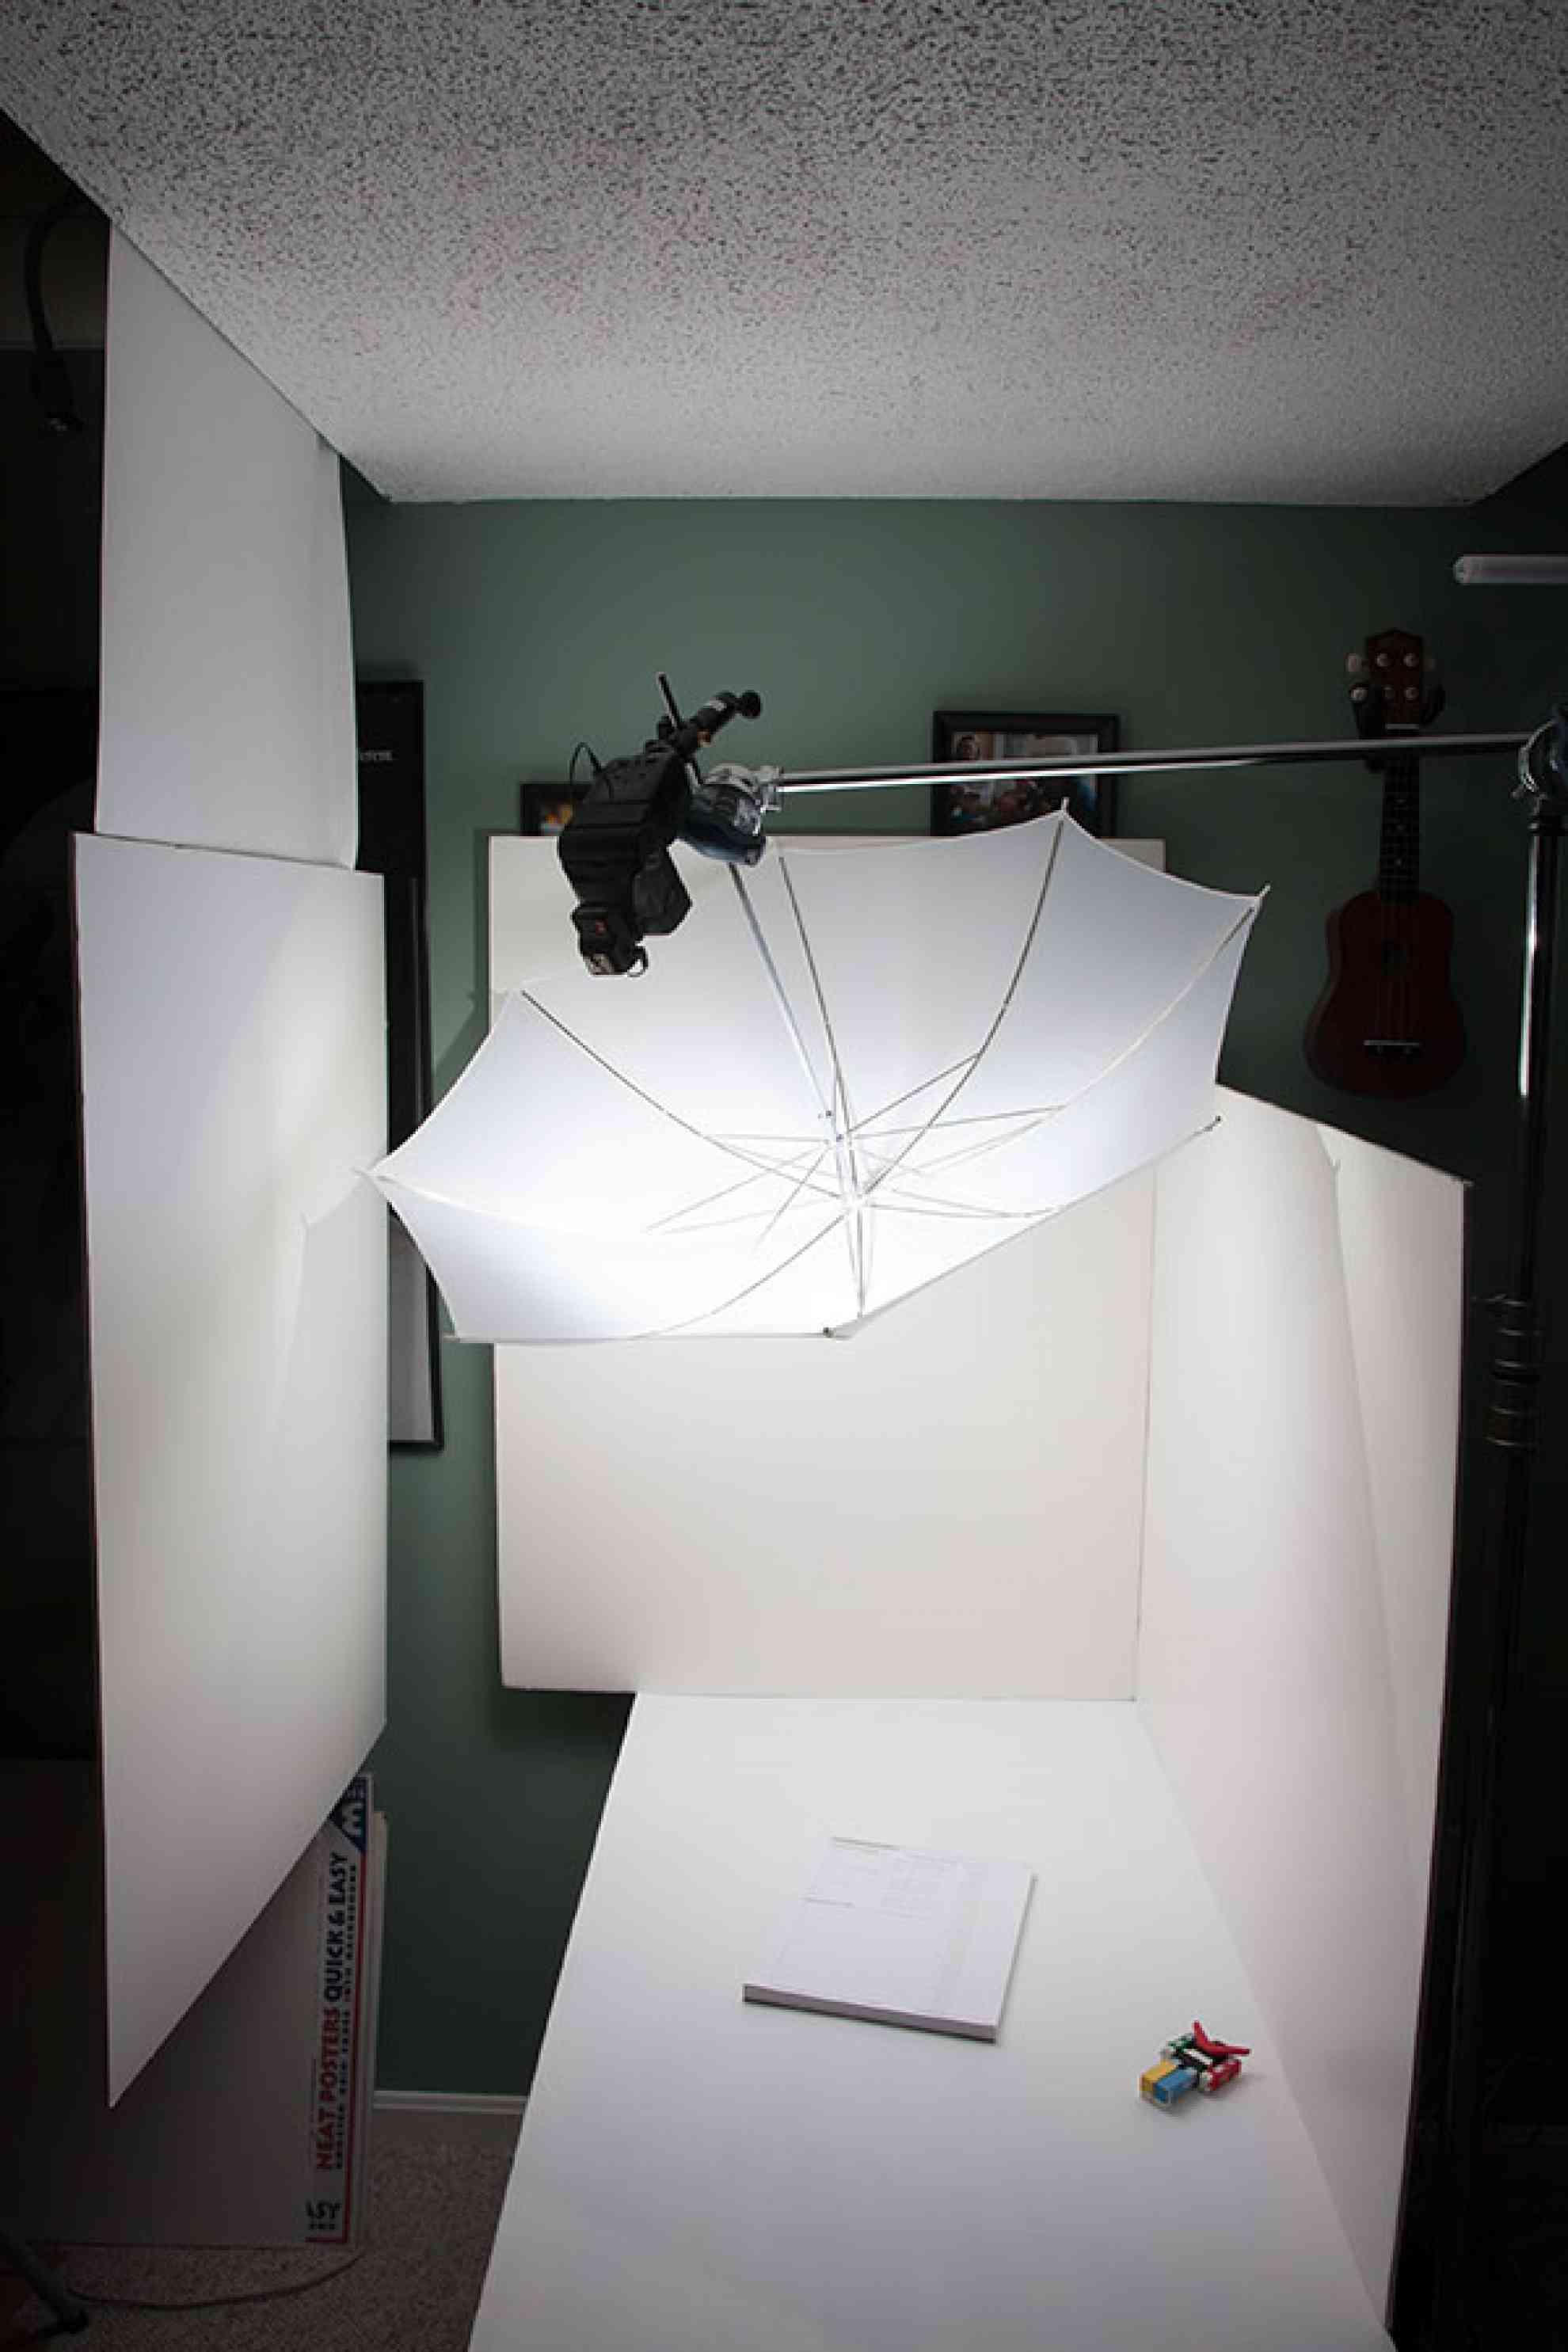 Setup-f/91/250sISO100processed